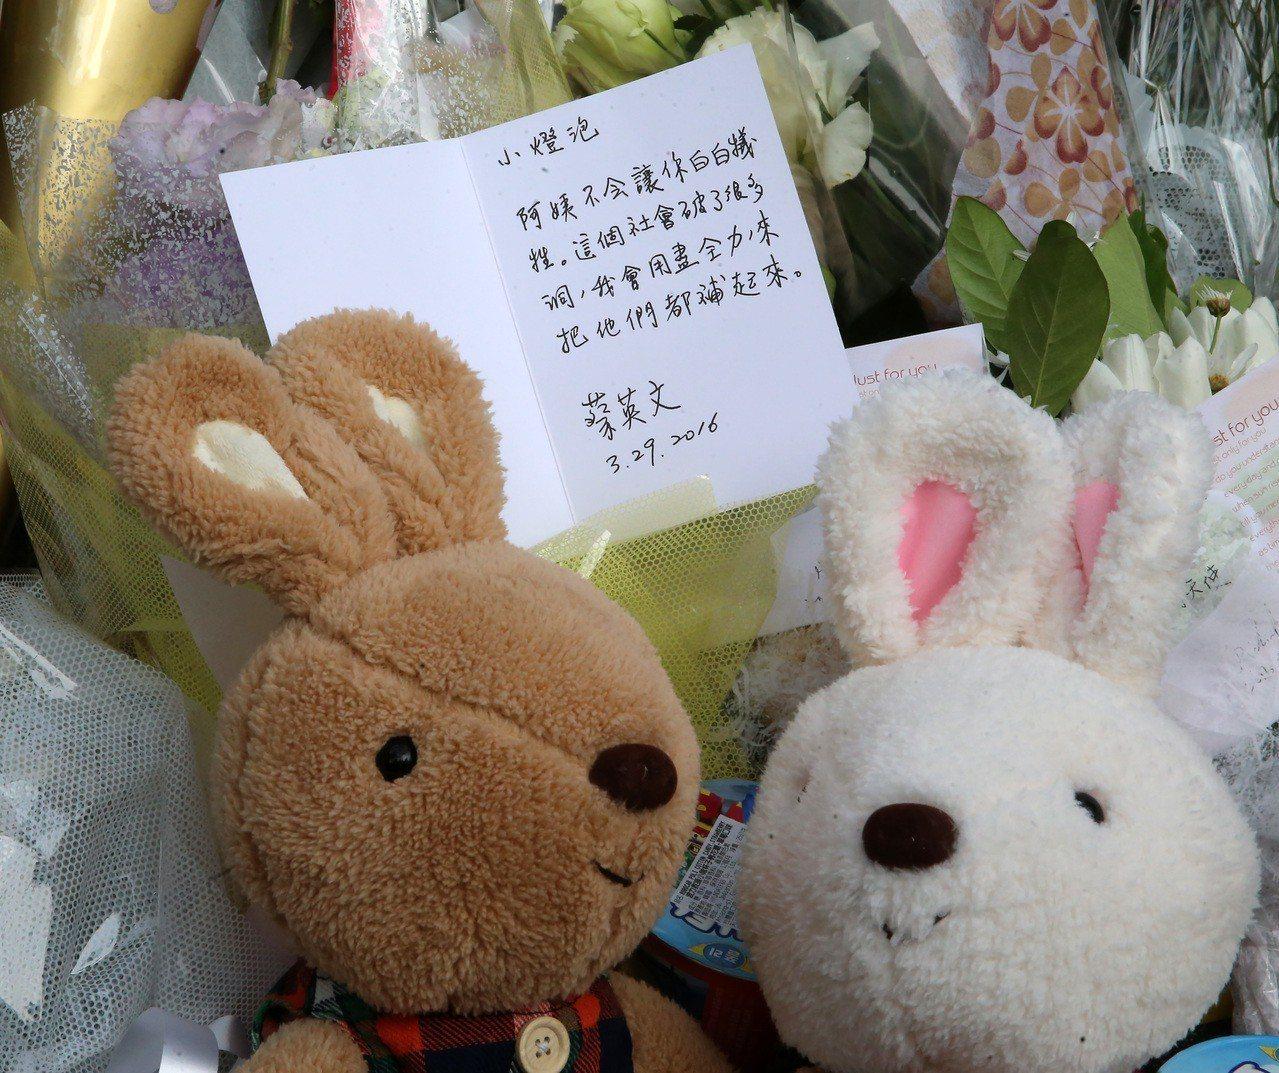 蔡英文總統2016年曾在內湖女童命案現場獻花與兔子玩偶表達哀悼,並附上一張小卡片...